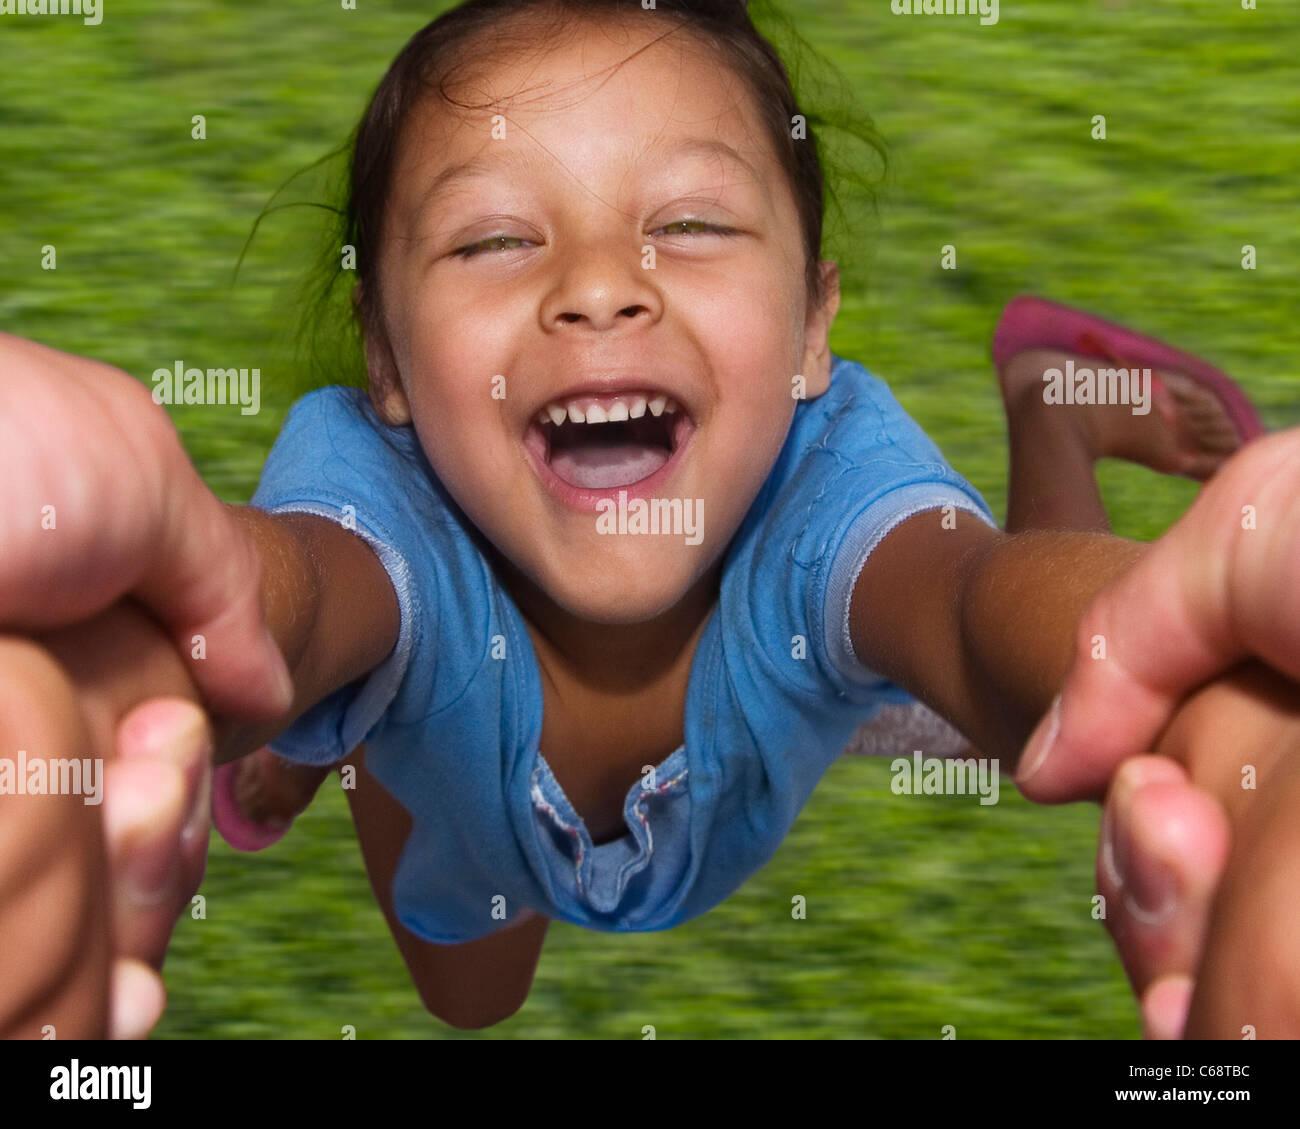 AUFRICHTIGEN Lächeln Lächeln spanischen SPEED SPIN SPINNING spirit Sommer winzige zusammen miteinander Stockbild